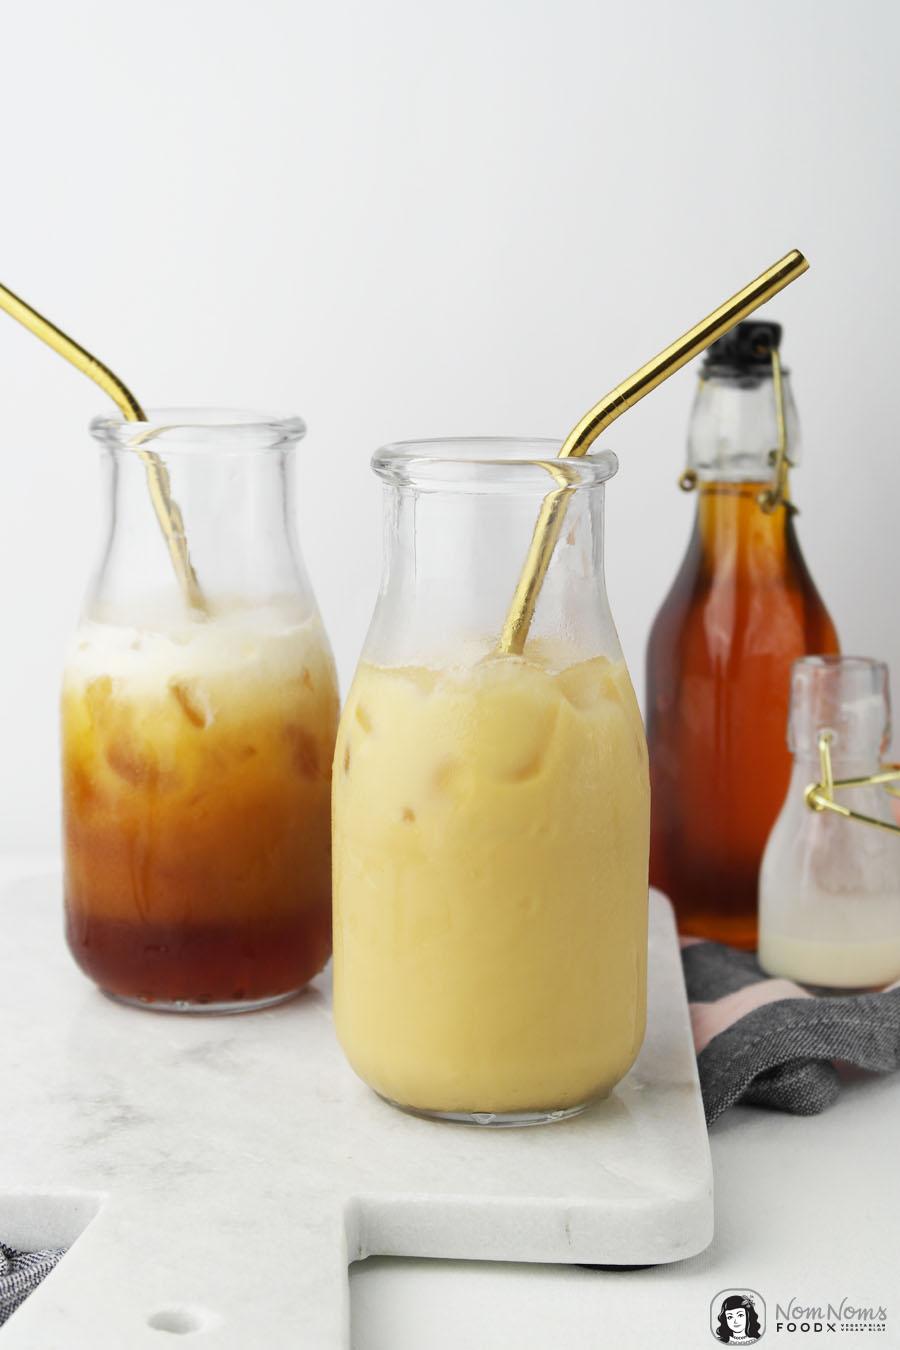 Salz-Karamell-Sirup für Salted Caramel Iced Latte mit Cold Brew